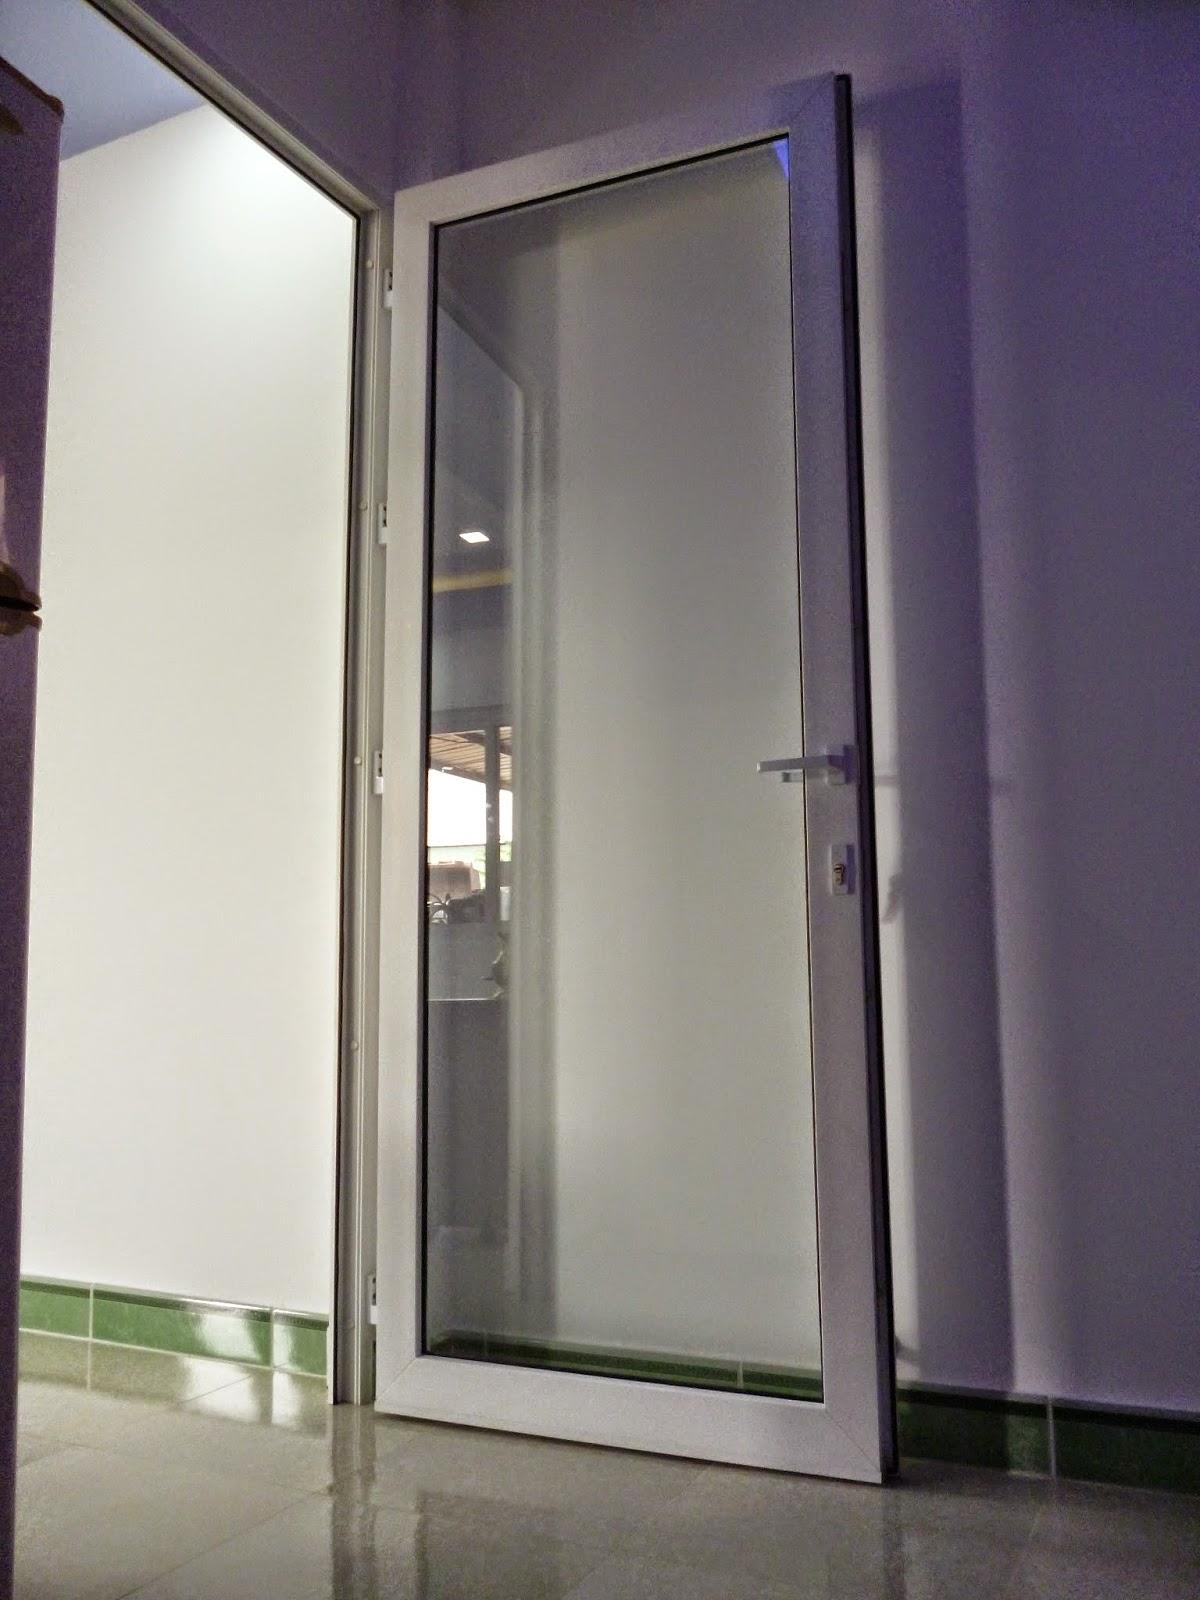 Cửa Đi Nhựa Lõi Thép Mở Quay 1 Cánh Giá Chỉ Từ 1.230.000/m²